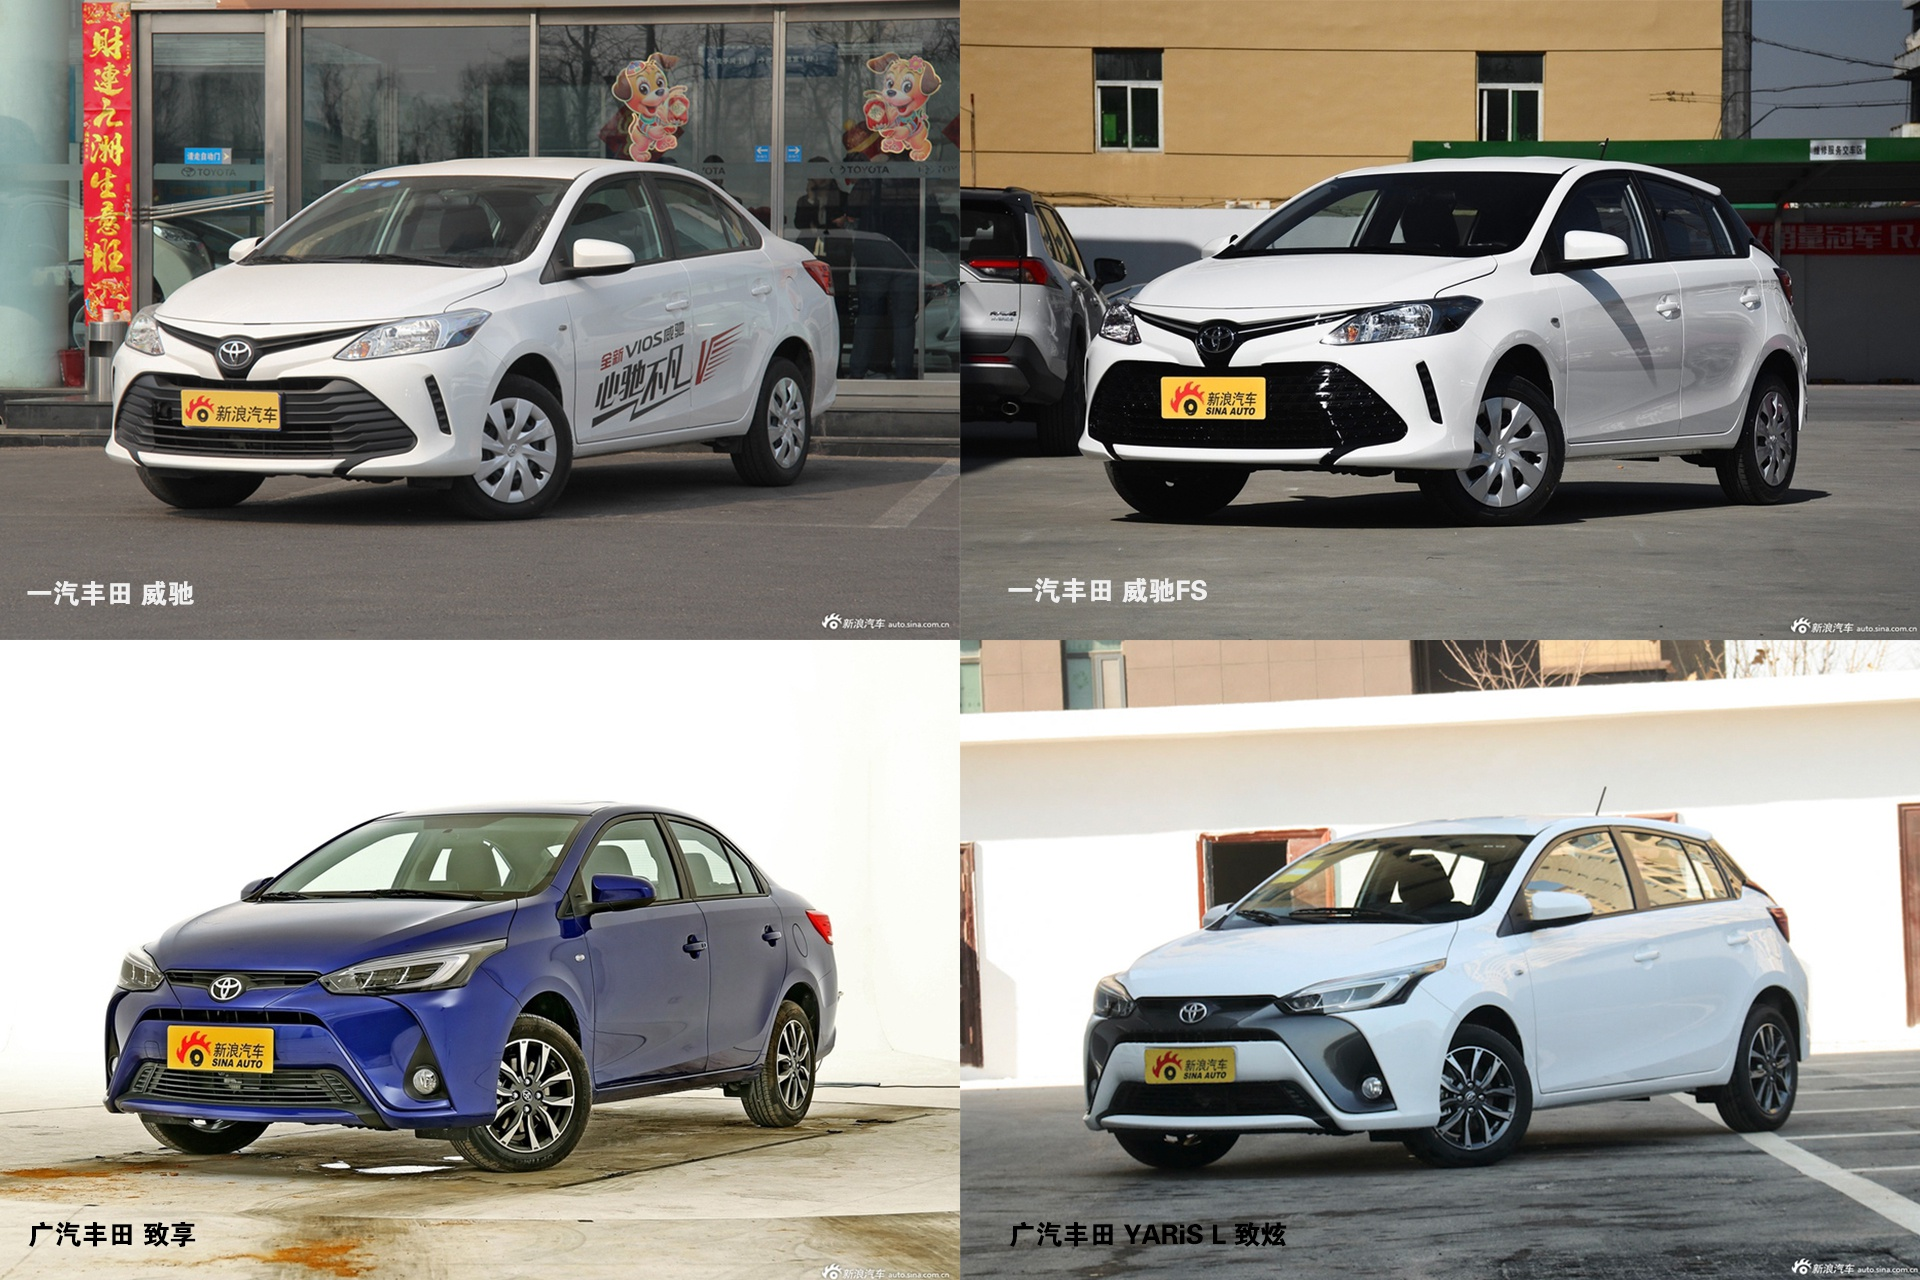 再小的车也是避风港 10万元级别日韩系省心代步车推荐